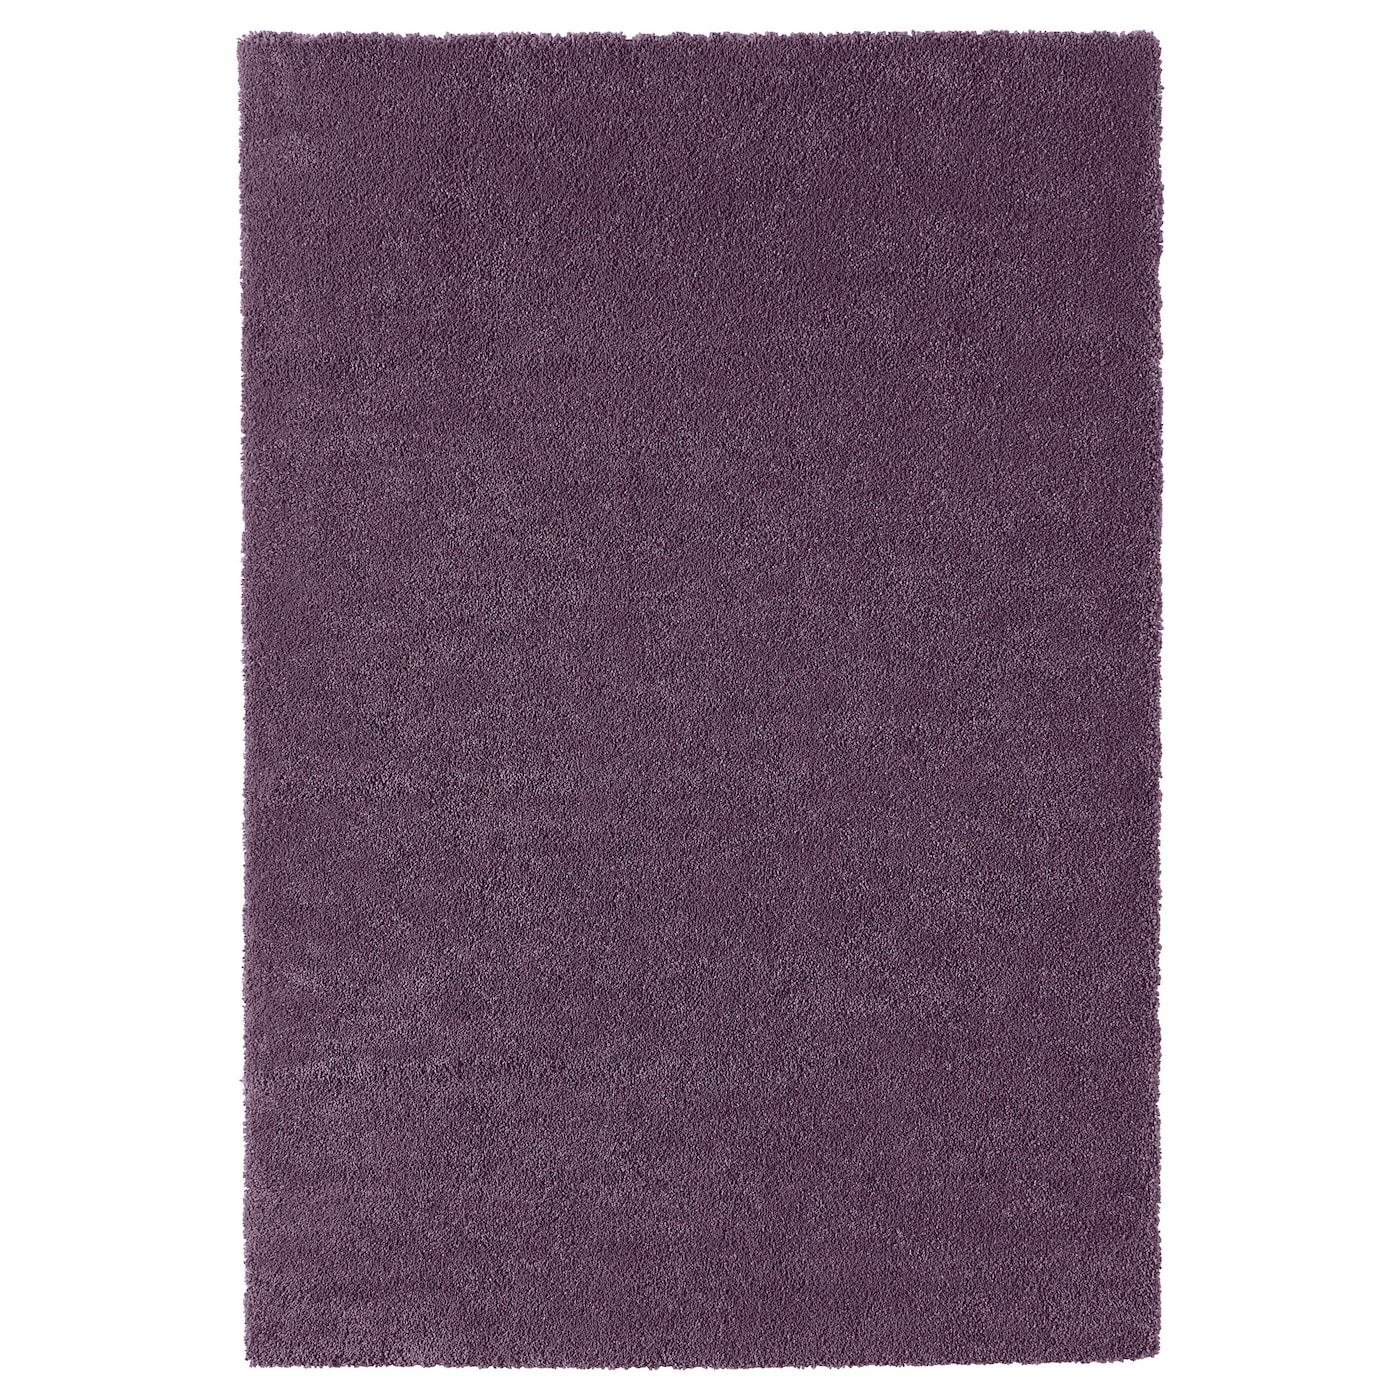 Stoense Rug Low Pile Purple Order